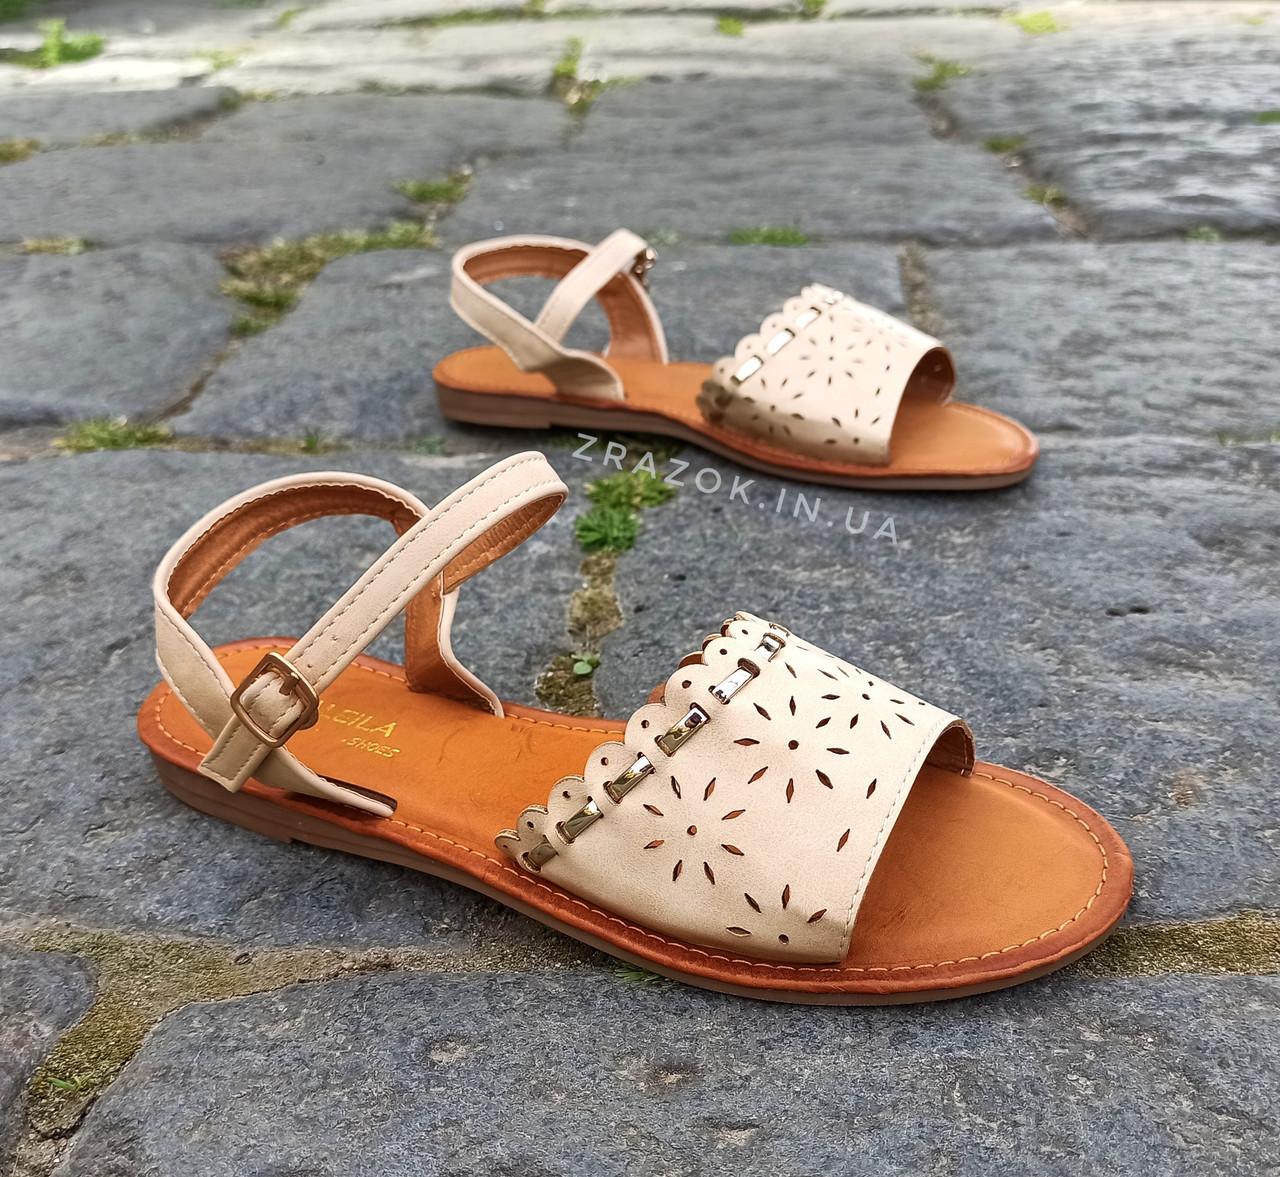 Шльопанці босоніжки на застібці сандалі на плоскій підошві літні руді коричневі, бежеві